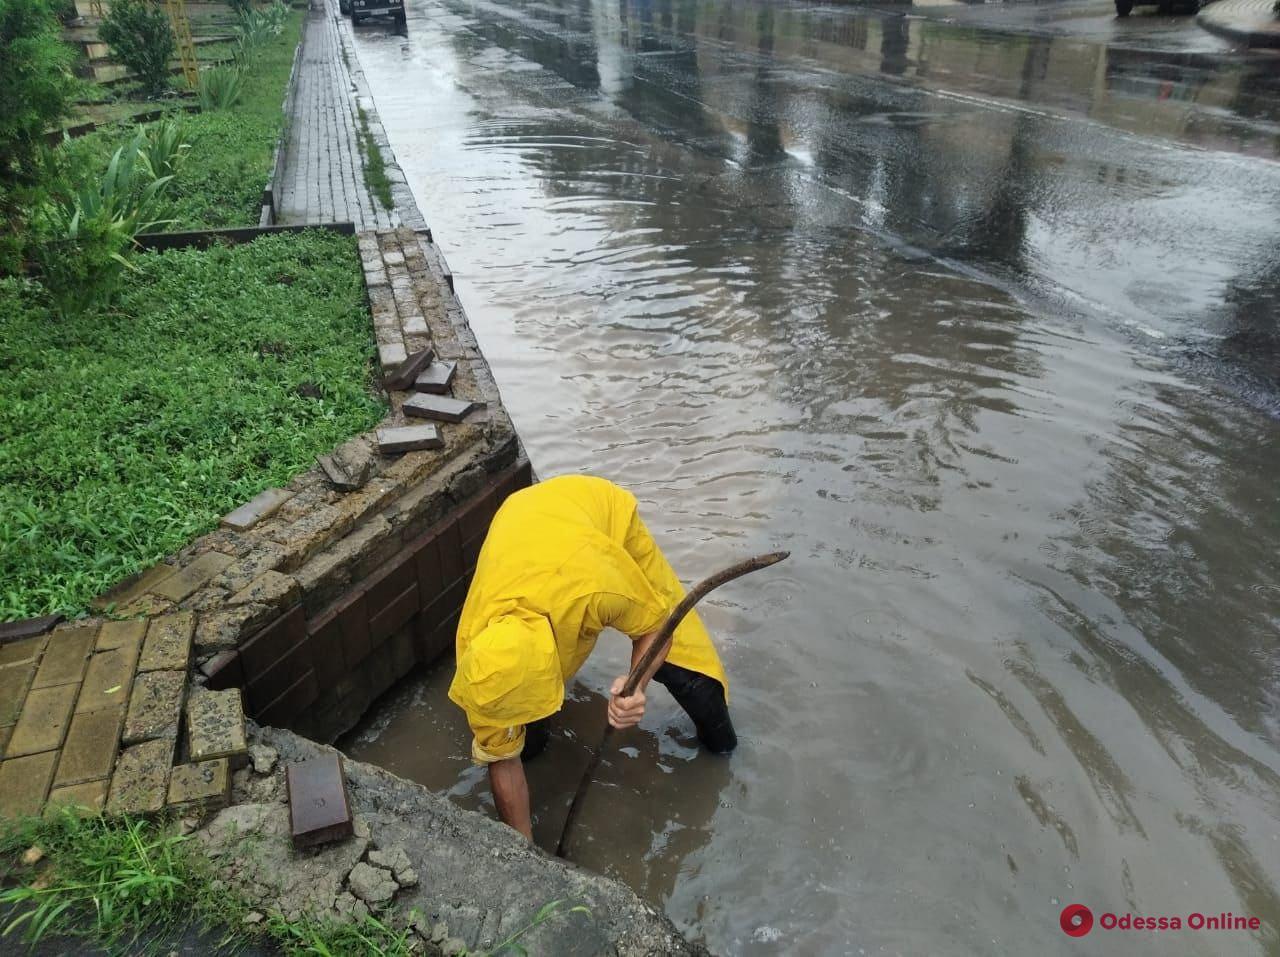 В Одессе со вчерашнего дня выпало больше полумесячной нормы осадков — коммунальщики работают в усиленном режиме (обновлено)